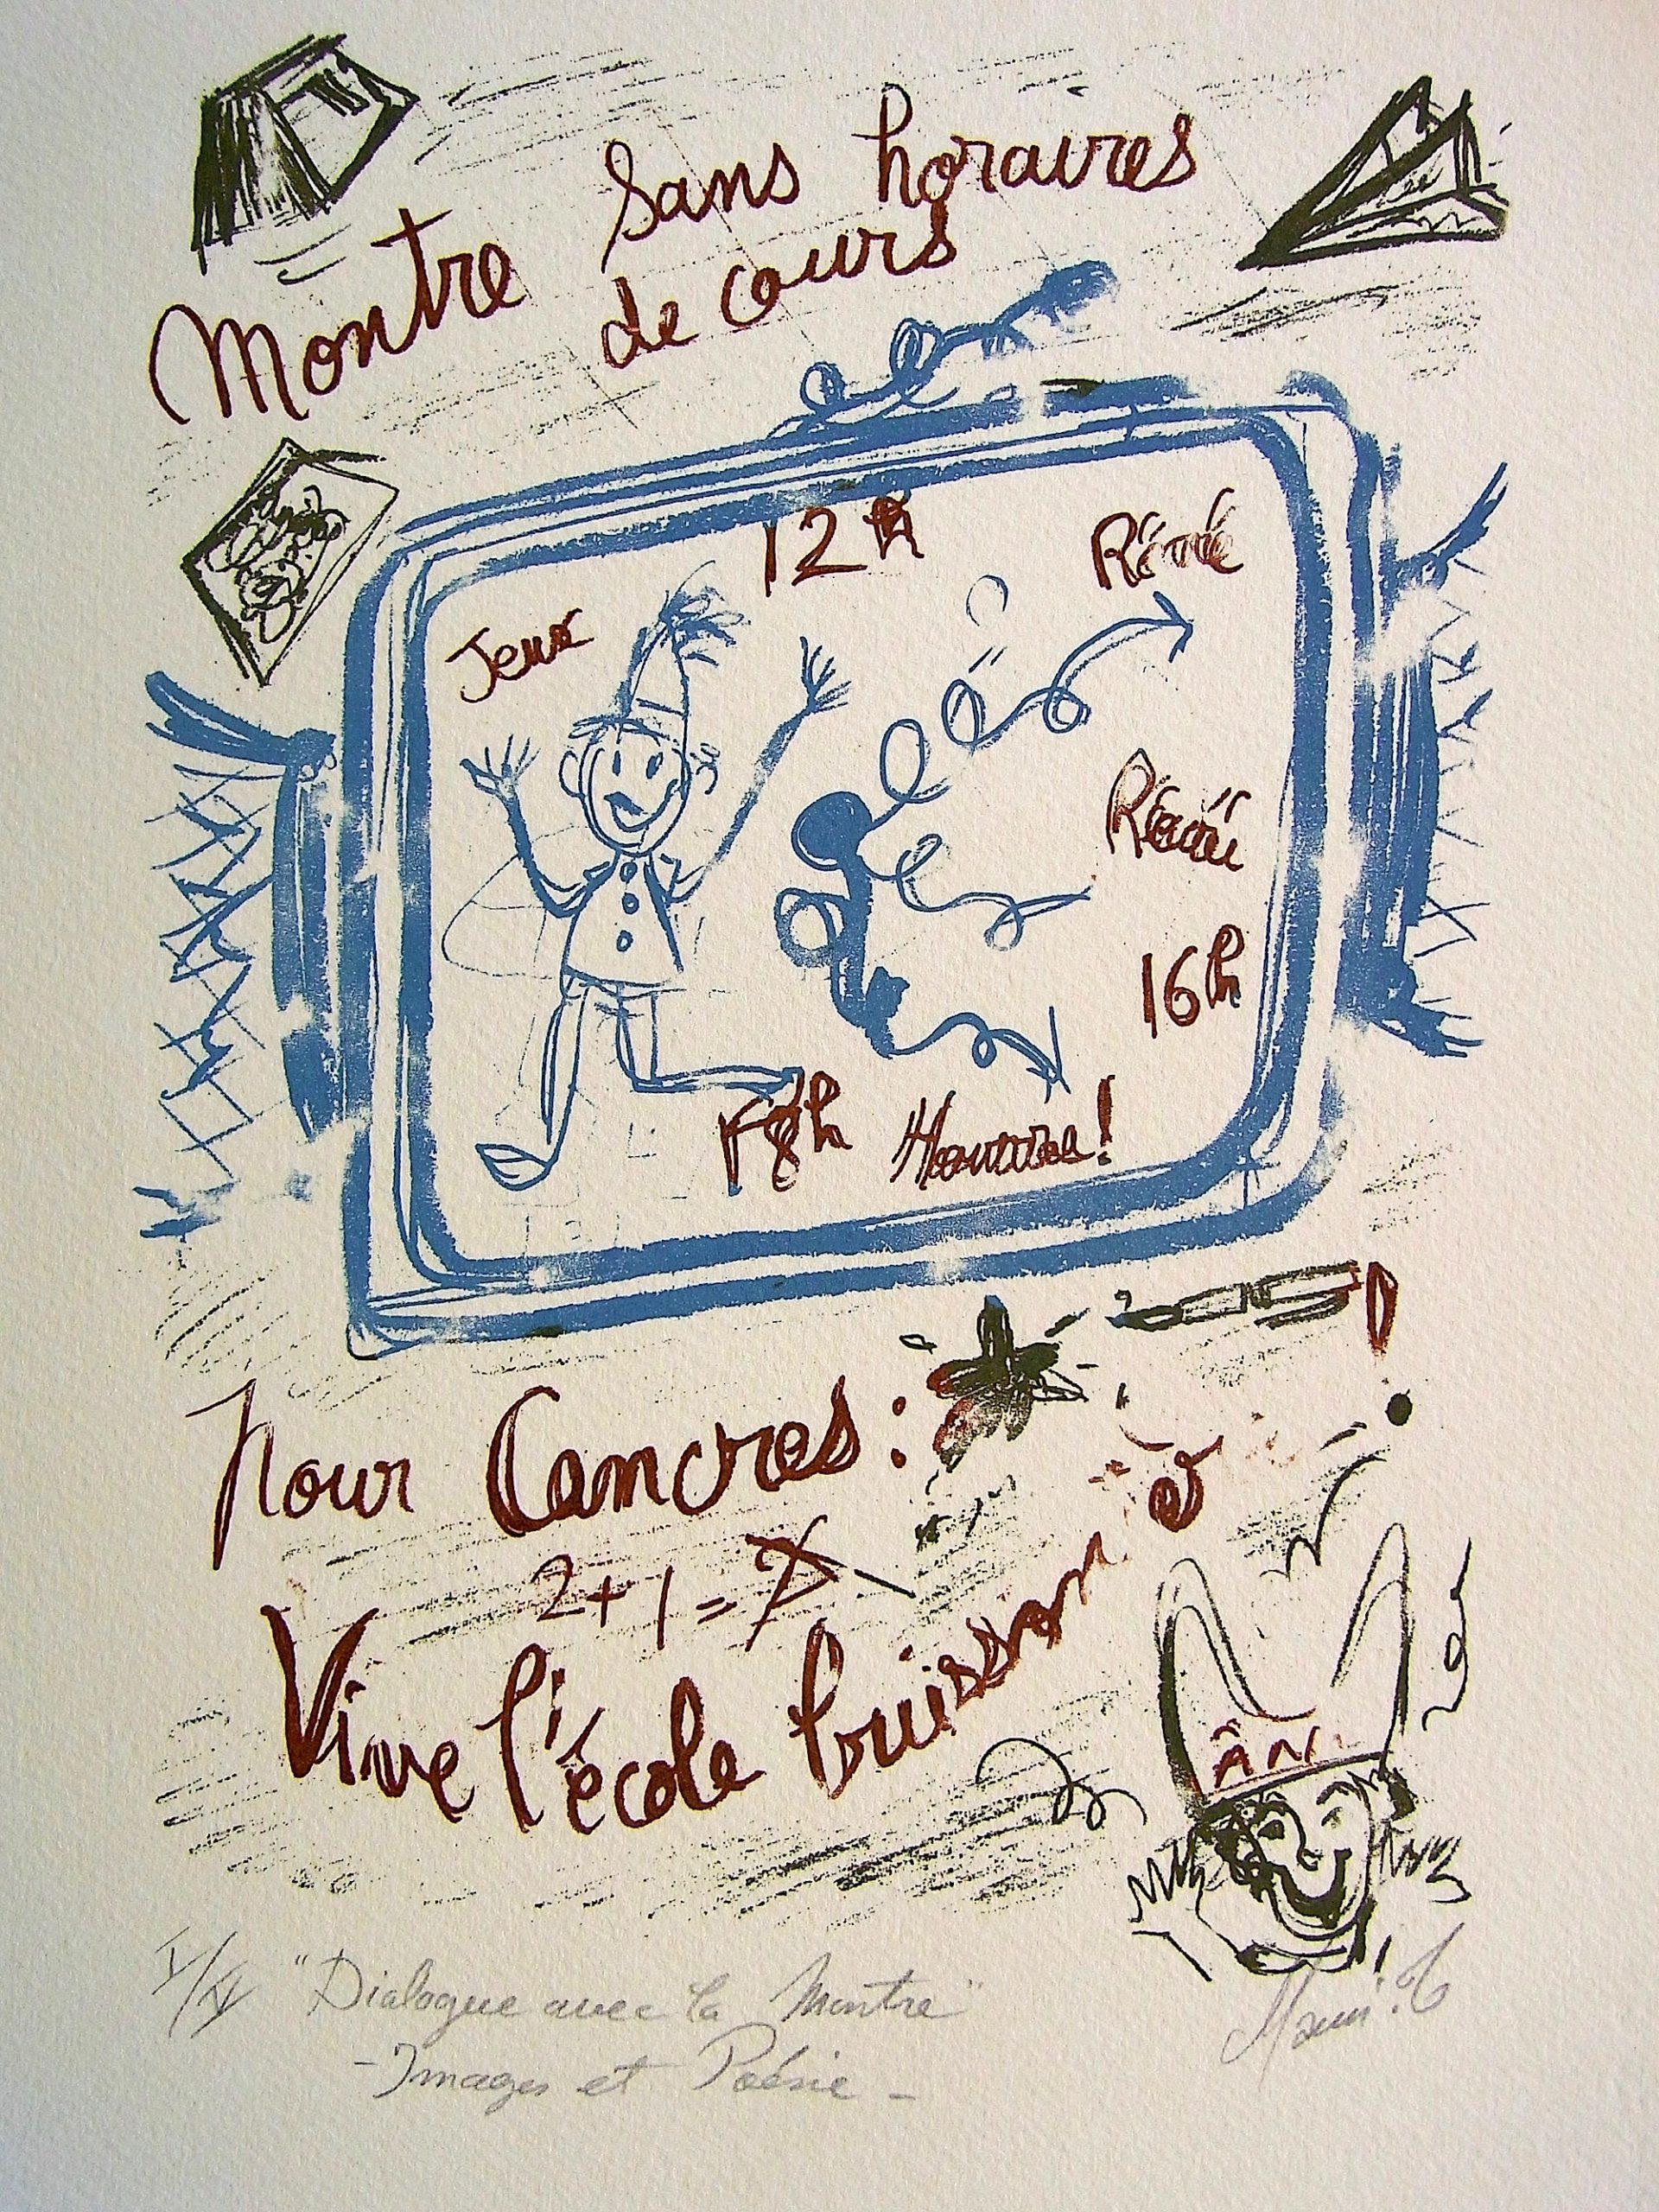 MAMI/ Images et Poésie, Dialogue avec la Montre